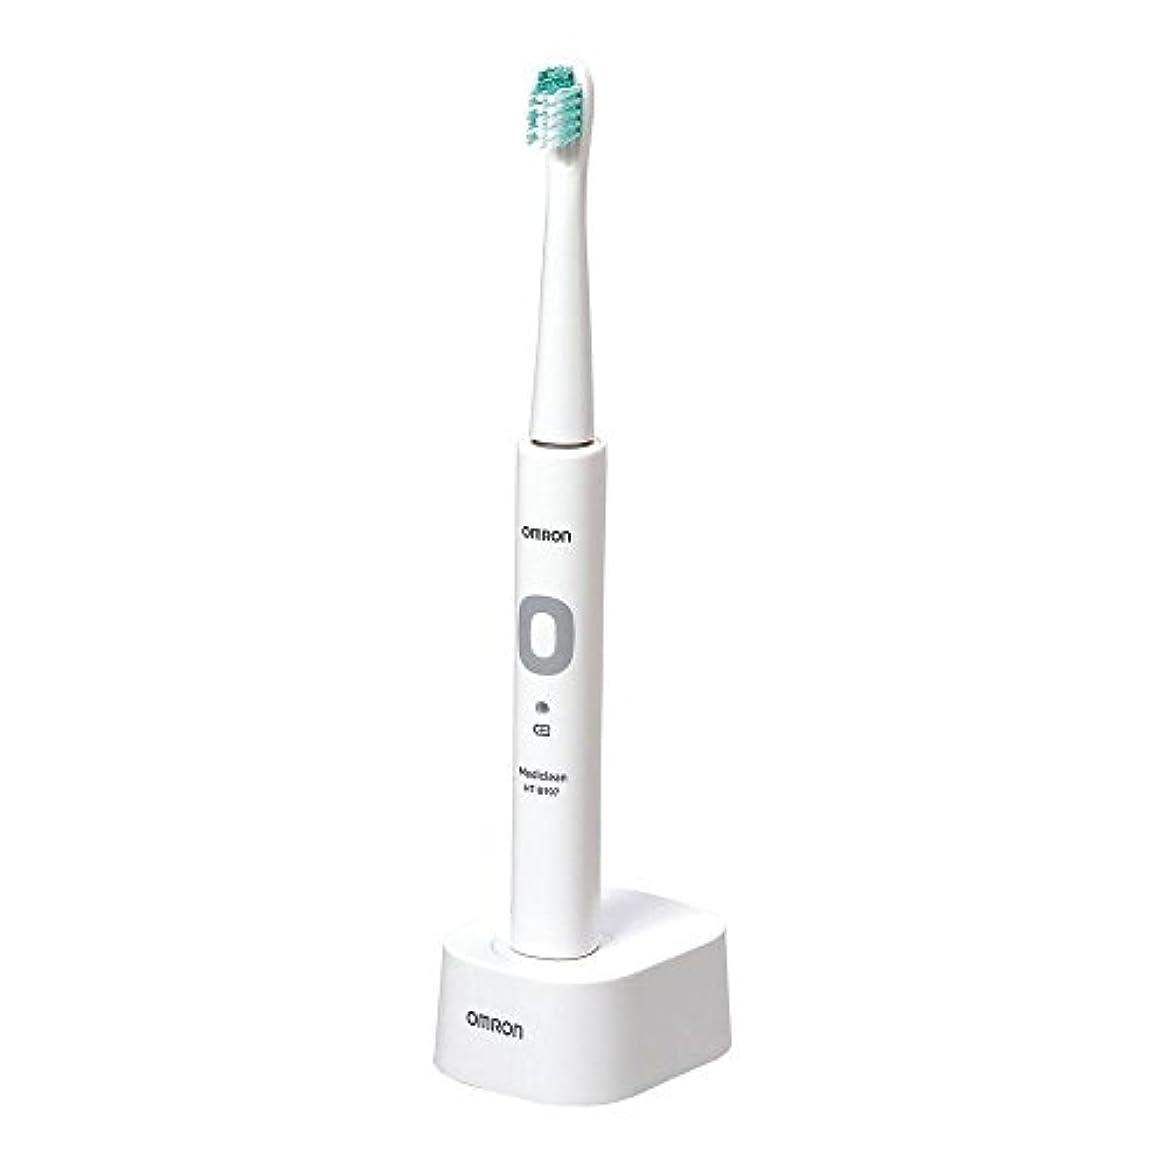 信頼性のある側面隠オムロン 電動歯ブラシ 音波式 メディクリーン